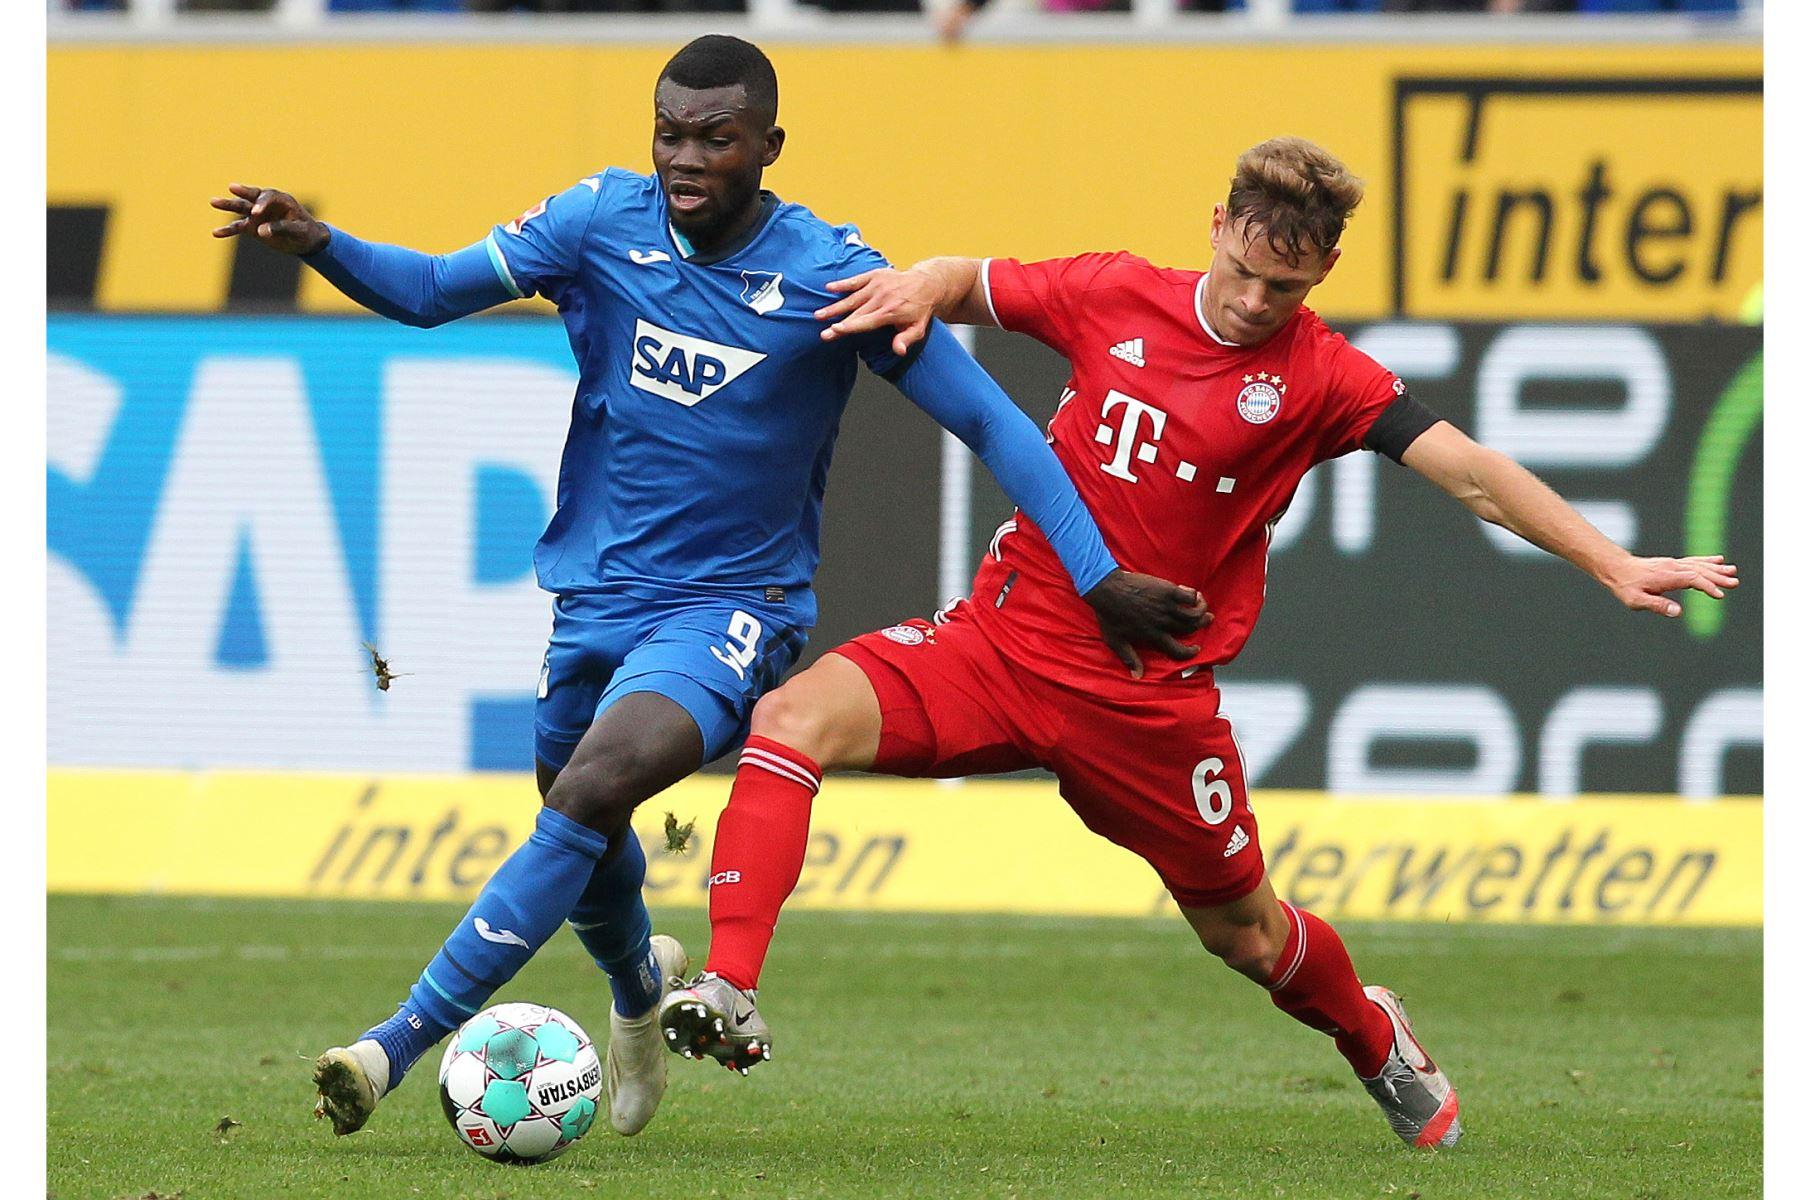 Bayern Múnich es goleado por el Hoffenheim y pone fin a casi diez meses invicto | Noticias